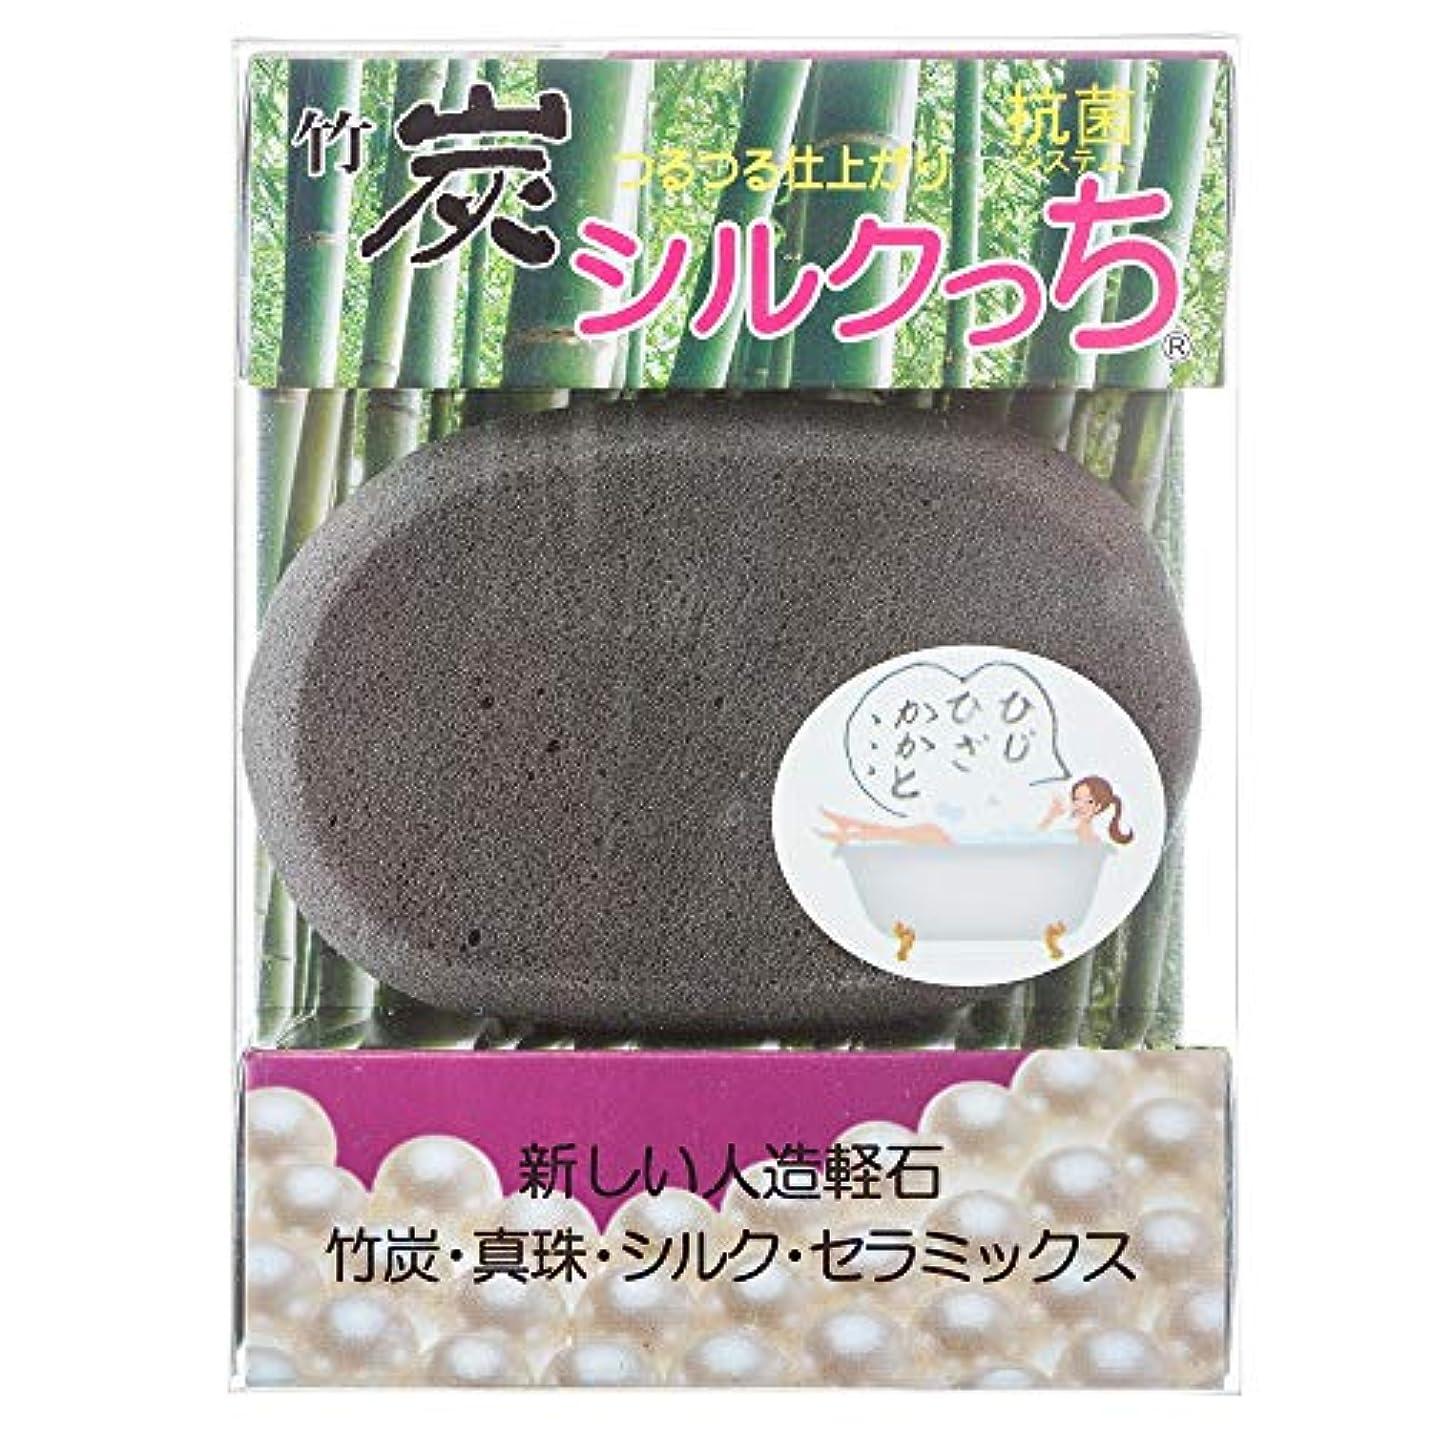 区最少禁止する竹炭シルクっち